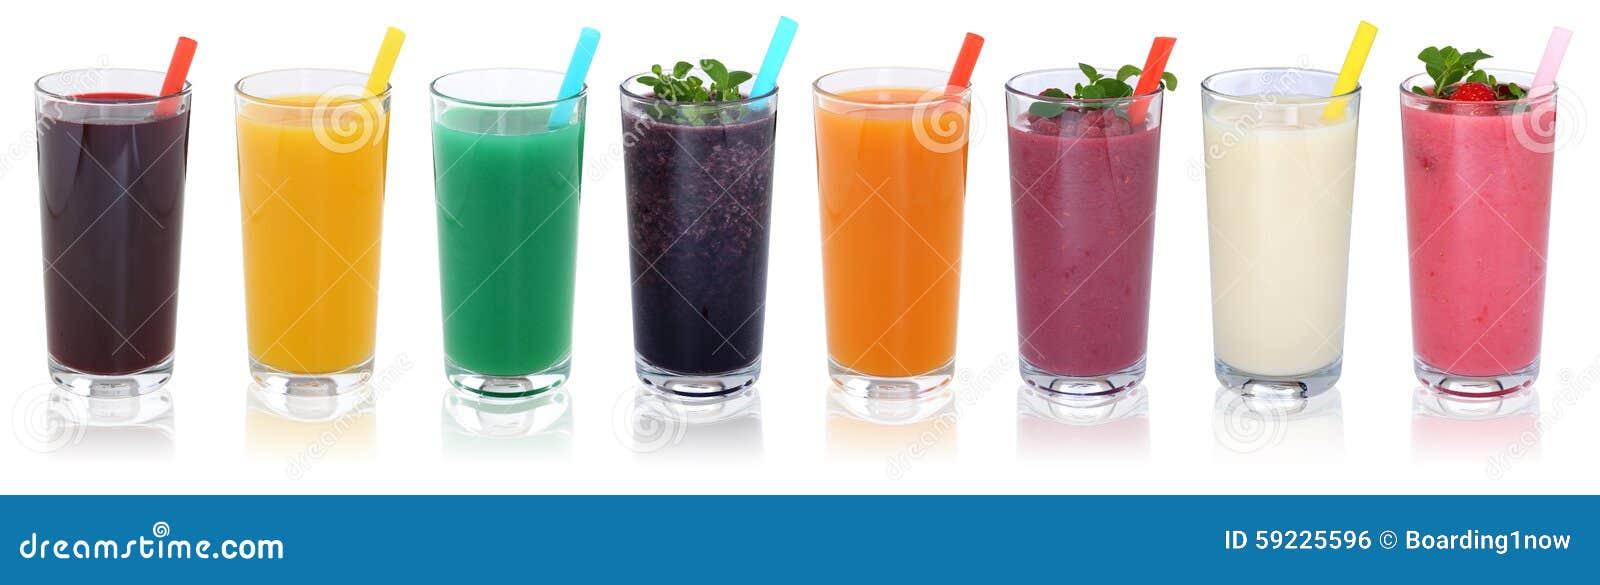 Smoothies фруктового сока Smoothie выпивают с isola плодоовощей в ряд